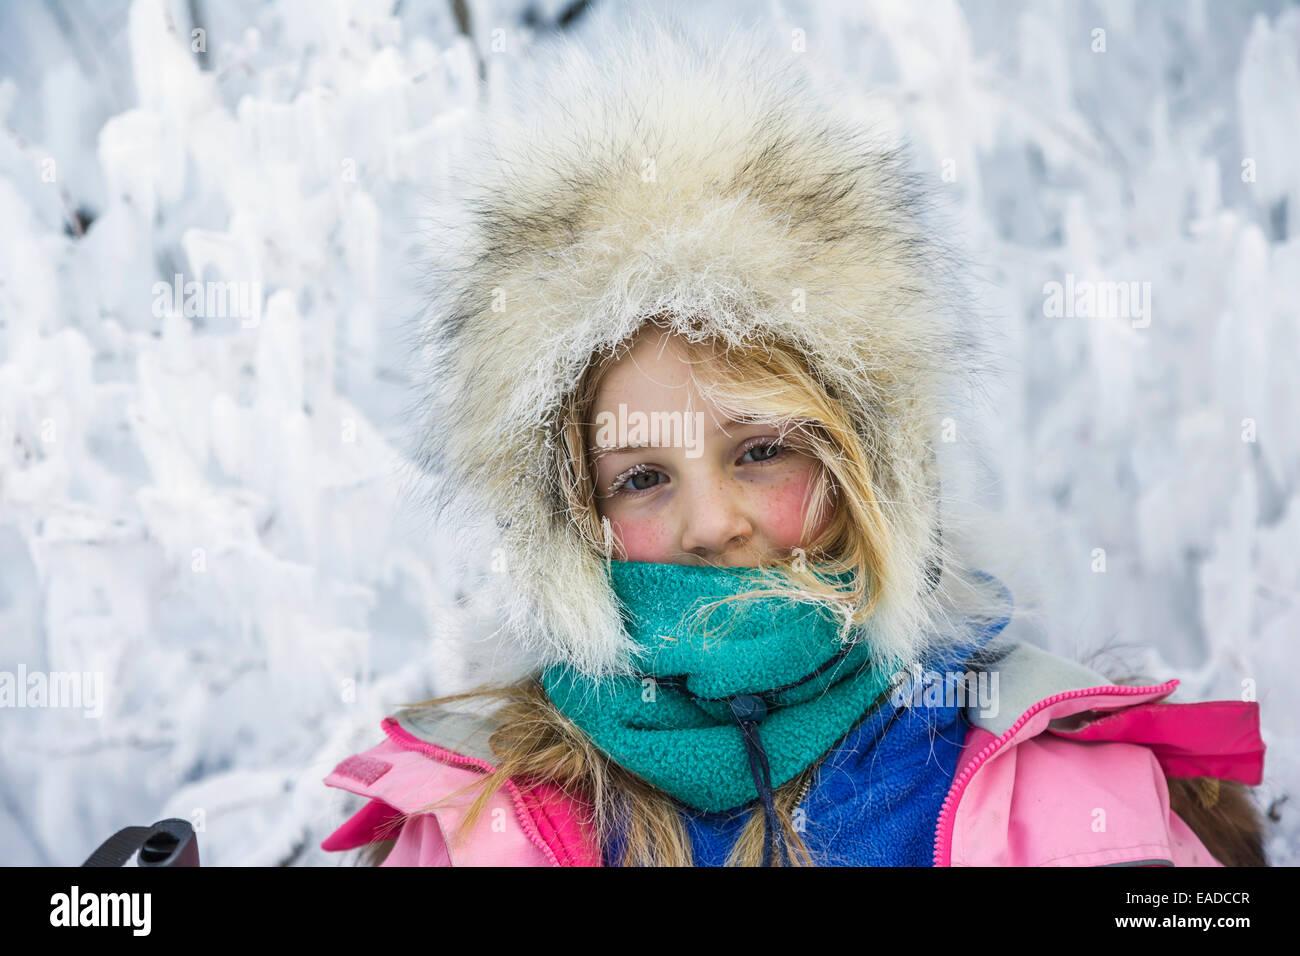 fc0f157826eb Giovane ragazza vestita in caldo abbigliamento invernale dal gelo coperto  rami, Wiseman, Alaska